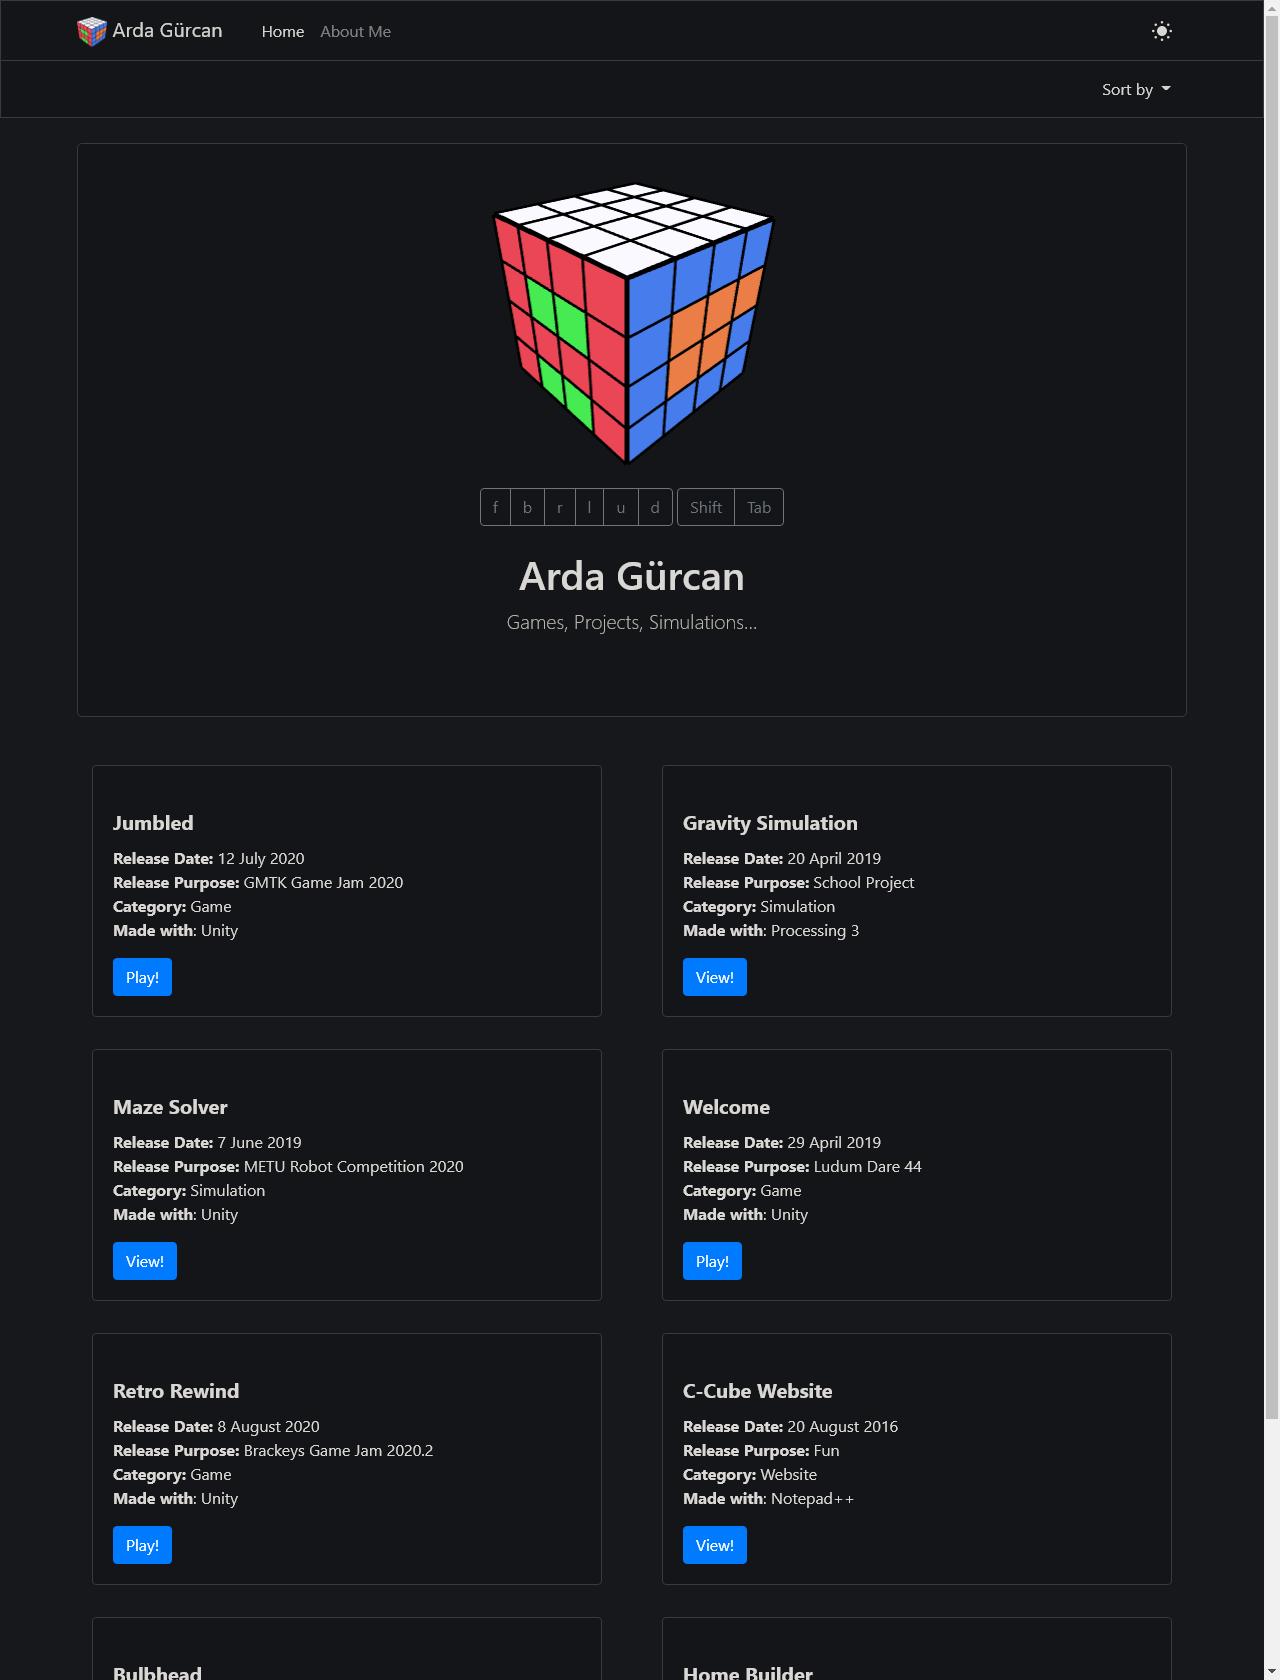 Screenshot Desktop - https://www.ardagurcan.com/